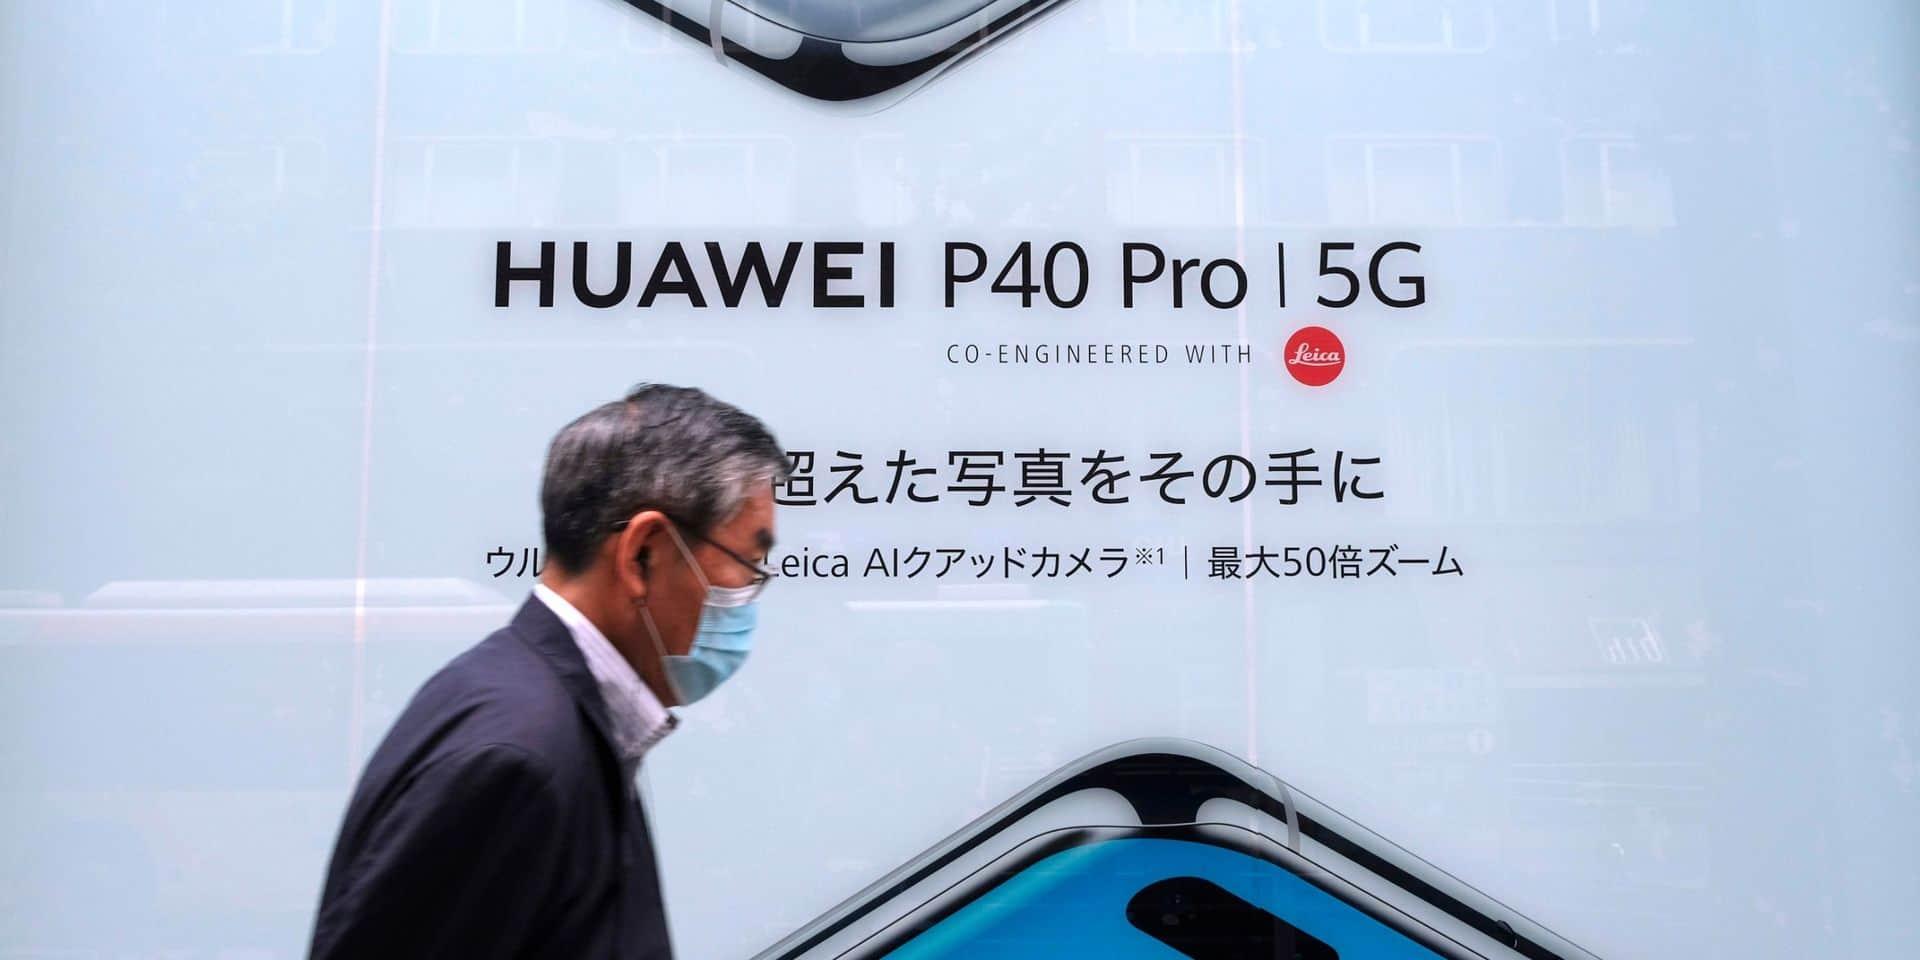 Exclure Huawei pour la 5G coûtera-t-il vraiment des millions d'euros à la Belgique ?